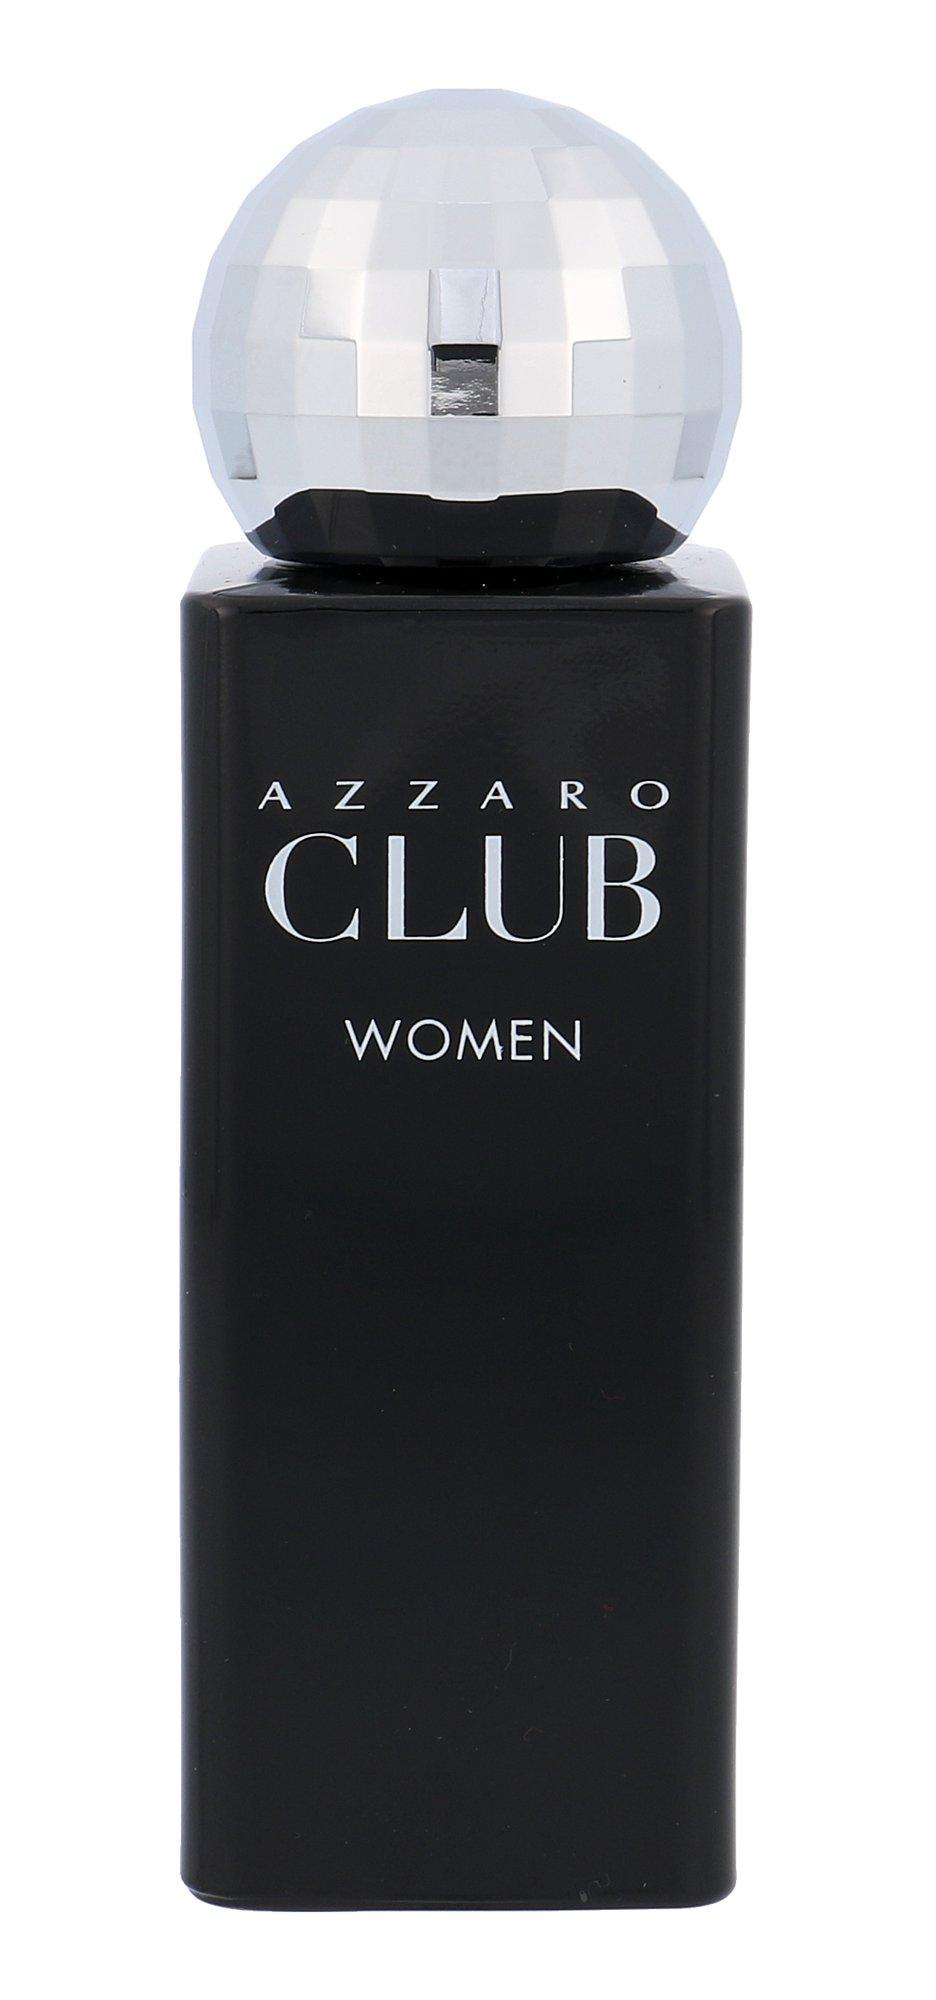 Azzaro Club Women, edt 75ml